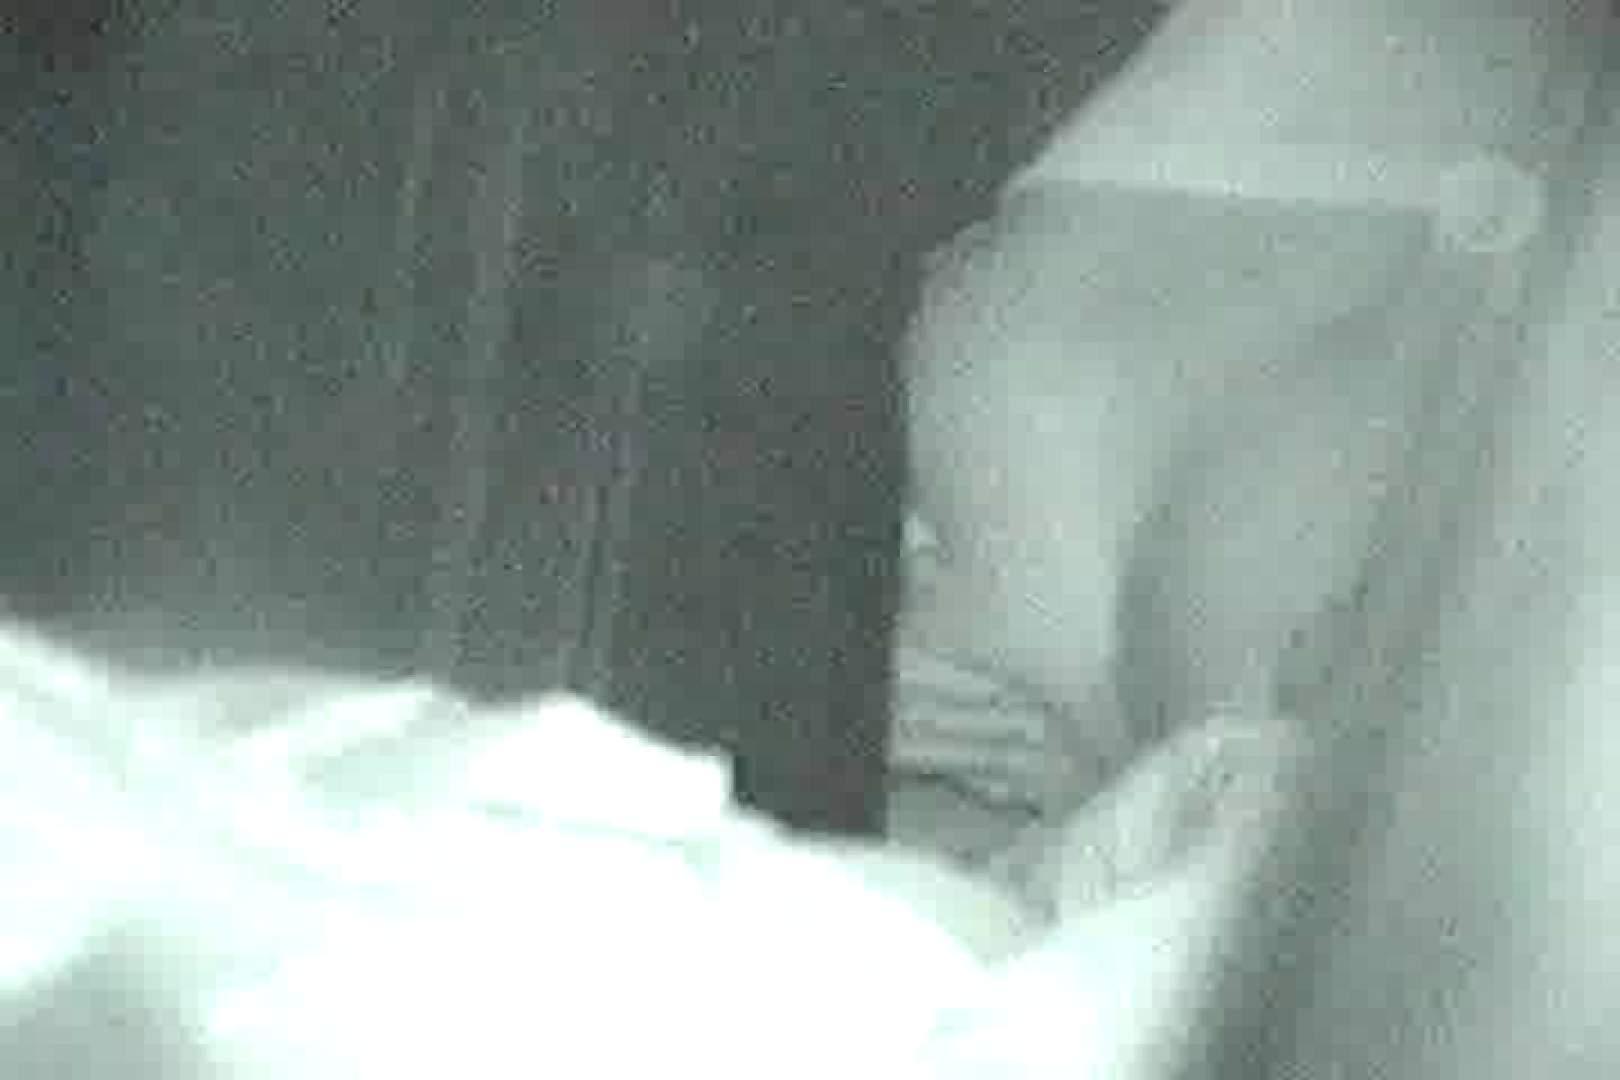 充血監督の深夜の運動会Vol.2 OLの実態 隠し撮りすけべAV動画紹介 61pic 6